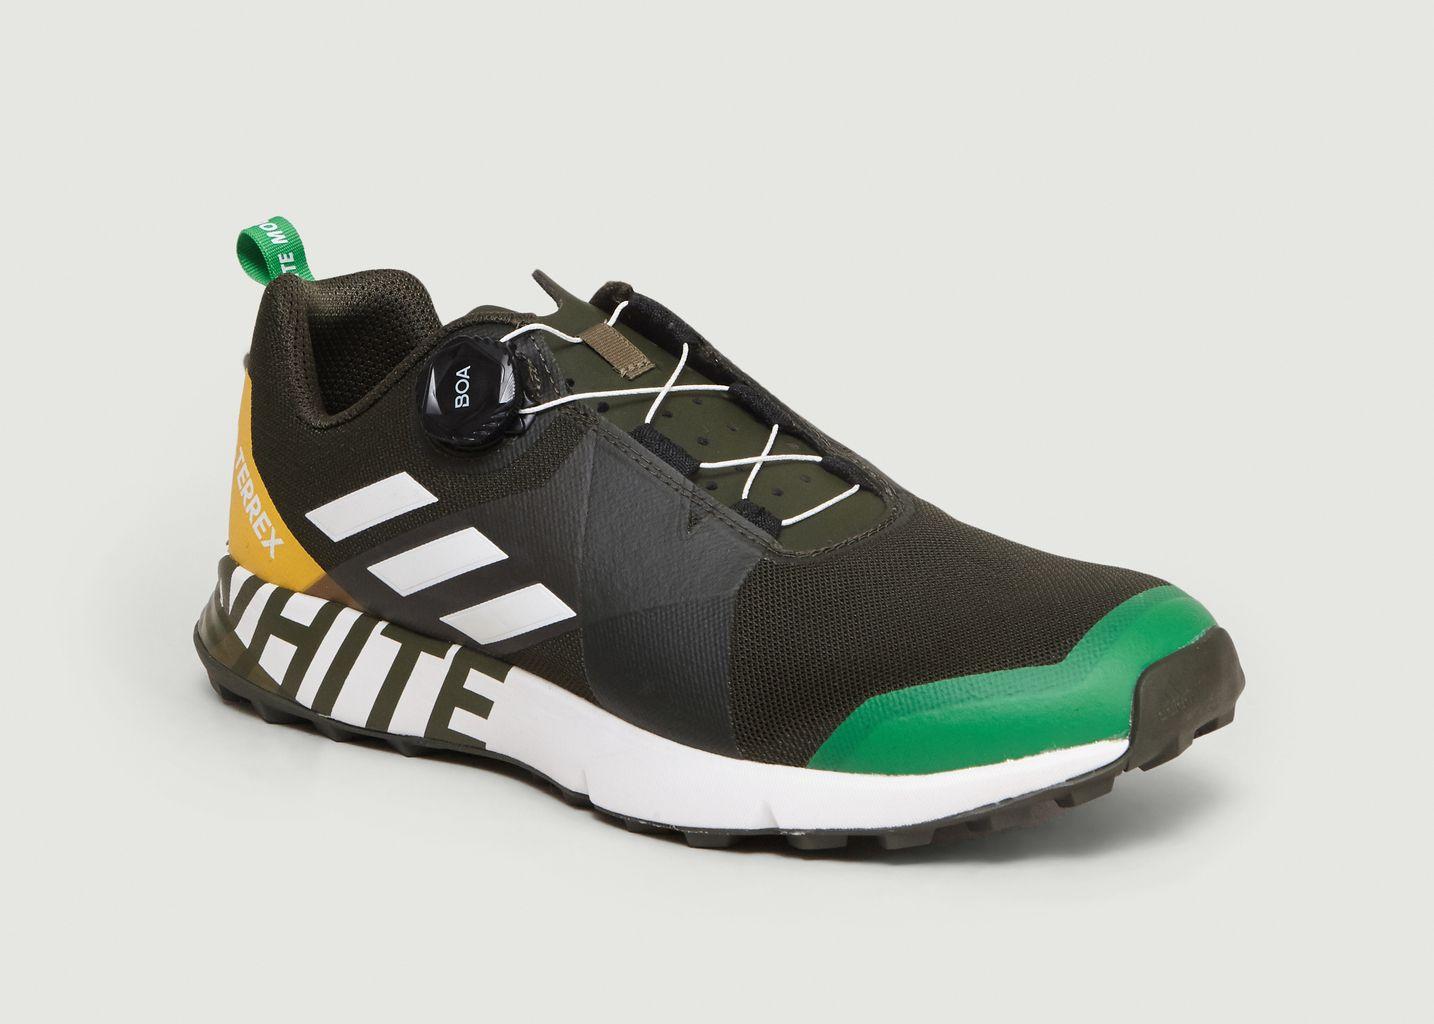 Sneakers Terrex x Adidas - White Mountaineering